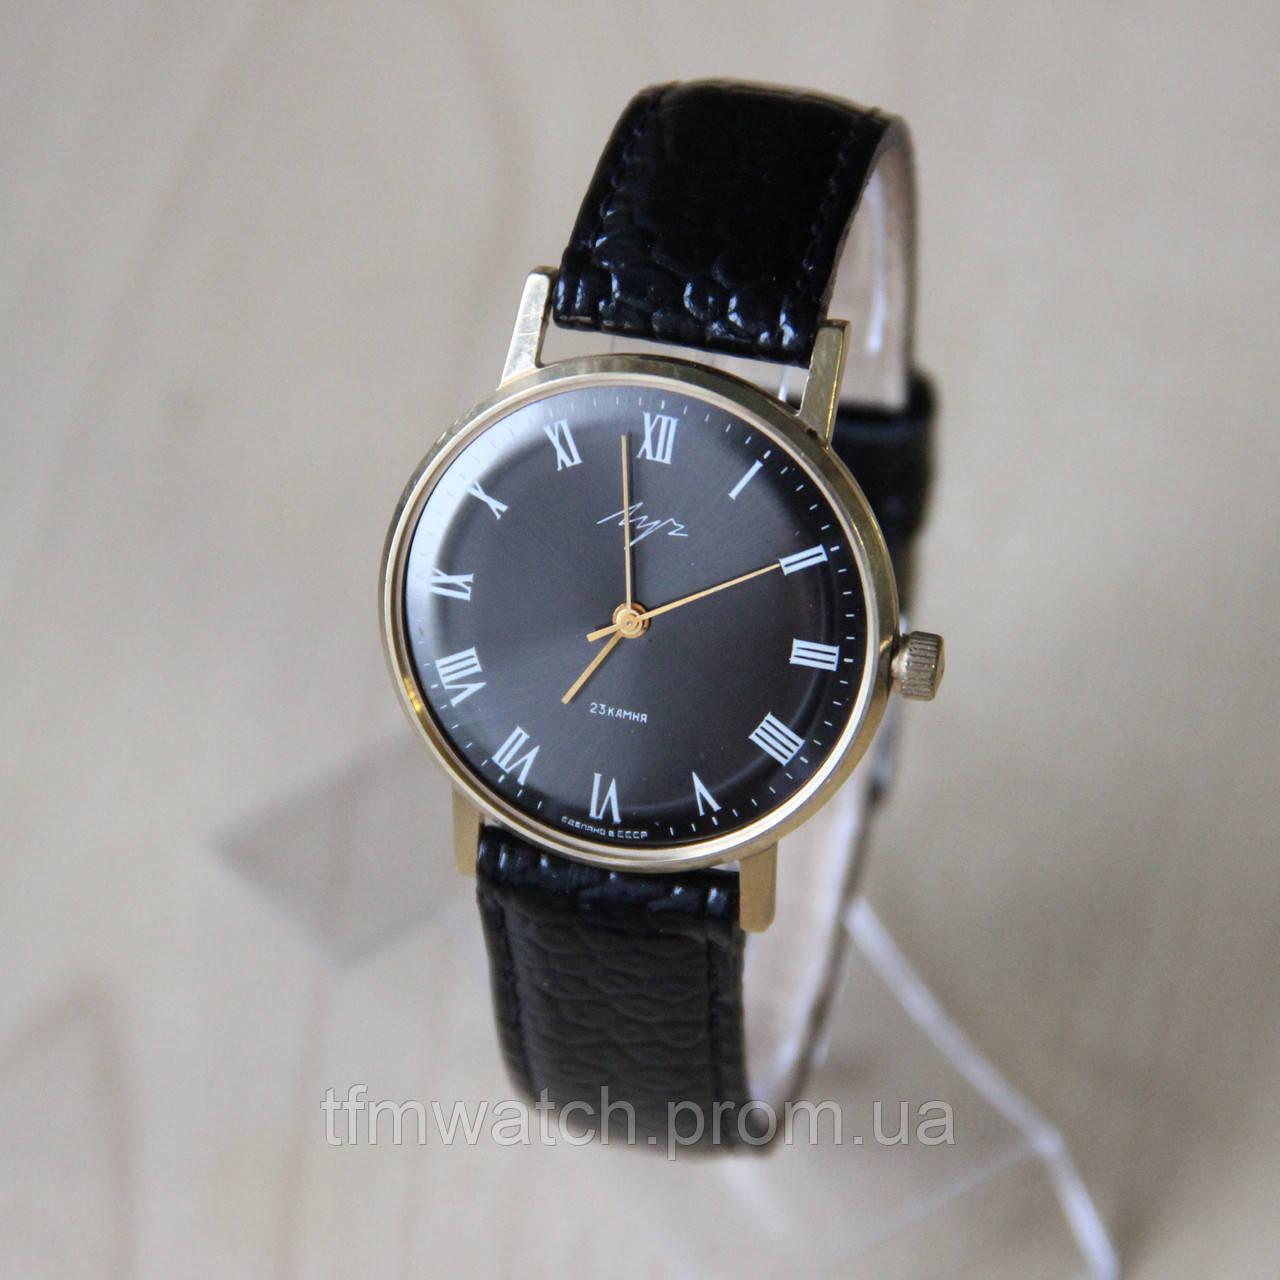 Ссср часов луч механических стоимость часы редкие продать швейцарские